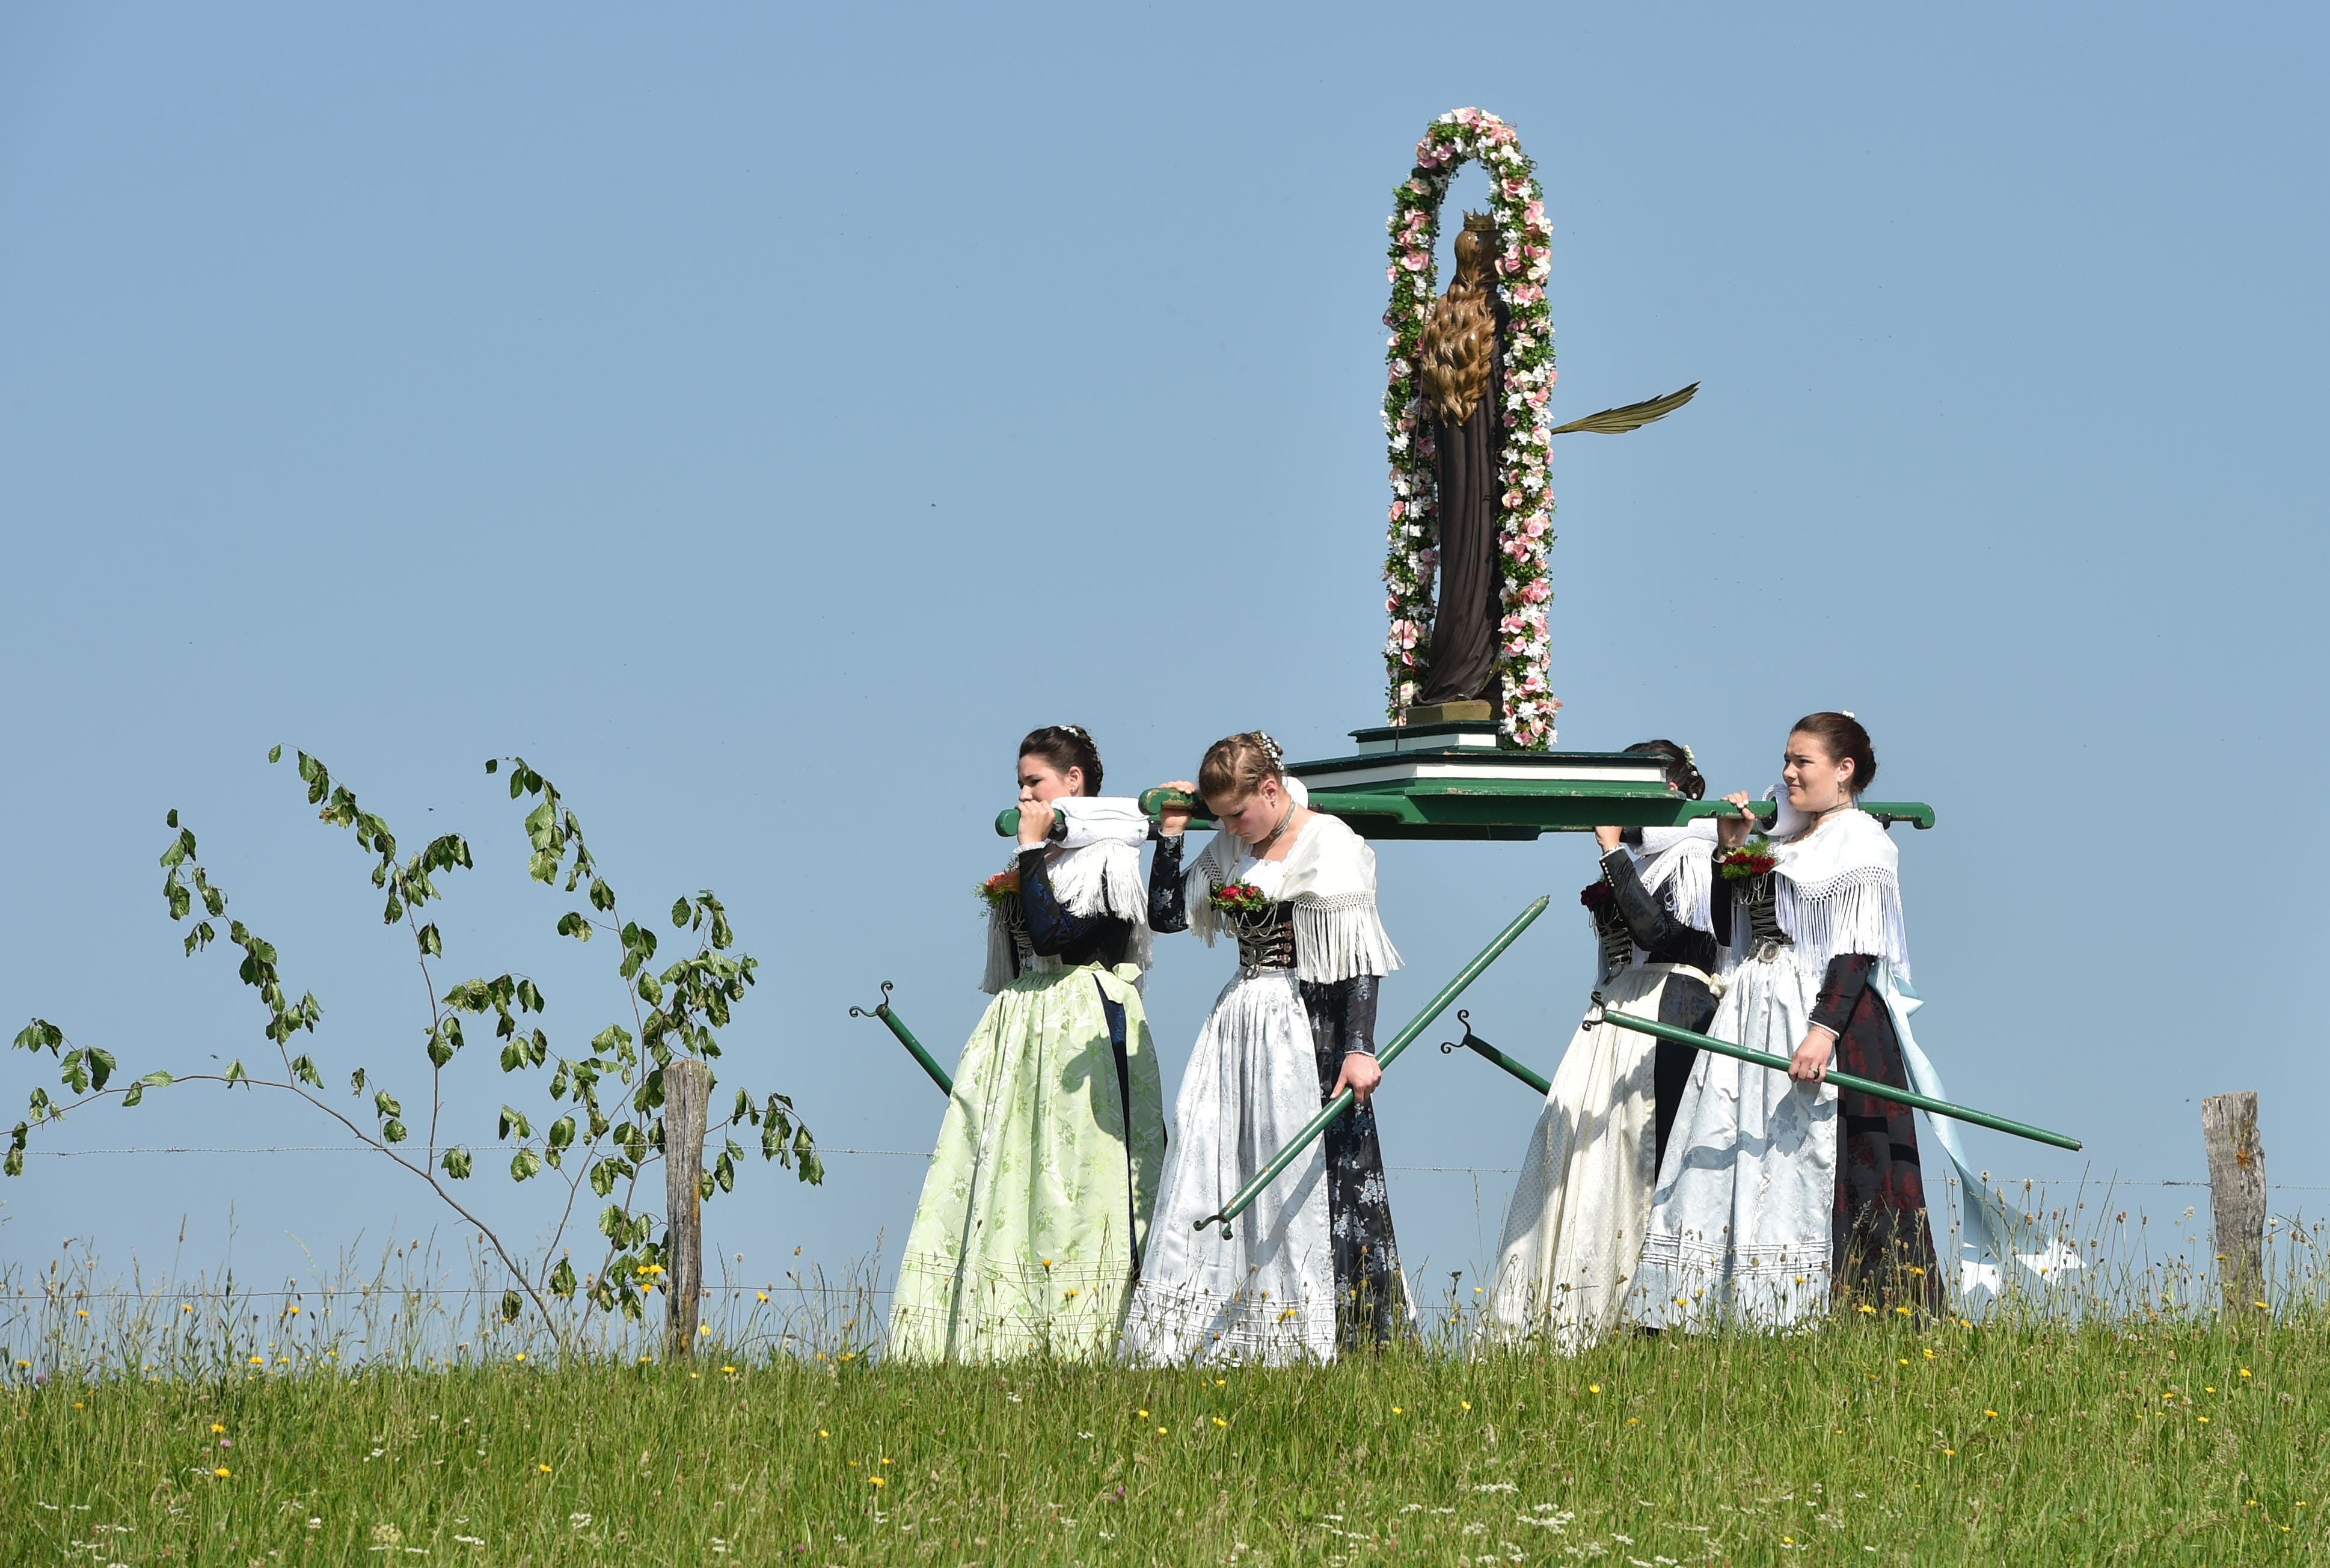 procesión tradicional de Corpus Christi cerca de la aldea de Wackersberg, el sur de Alemania